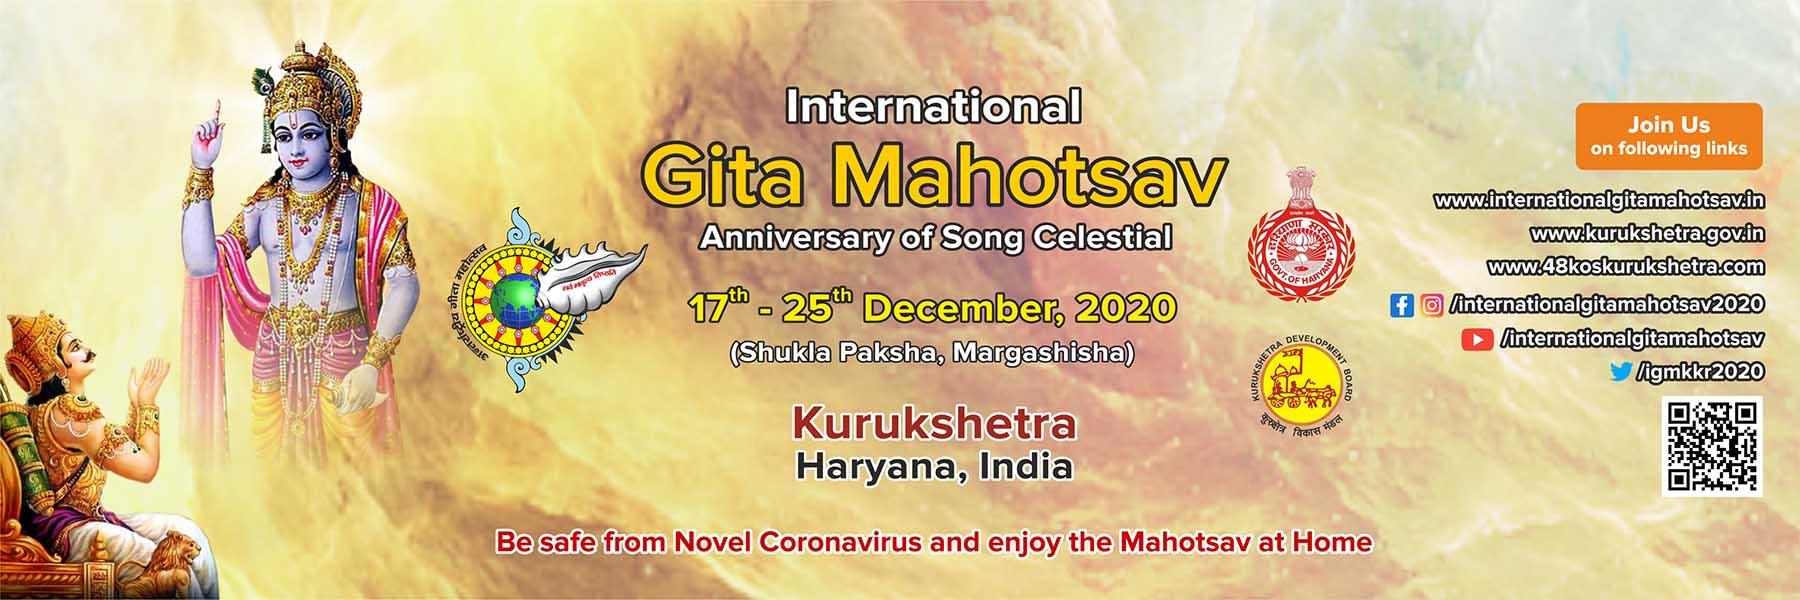 गीता जयंती श्रीमद् भगवद् गीता का प्रतीकात्मक जन्म है। यह हिंदू पंचांग के अनुसार मार्गशीर्ष शुक्ल एकादशी पर मनाया जाता है। अंतर्राष्ट्रीय गीता महोत्सव 2020 कुरुक्षेत्र में 17 से 25 दिसंबर तक आयोजन किया जा रहा है। Live Streaming